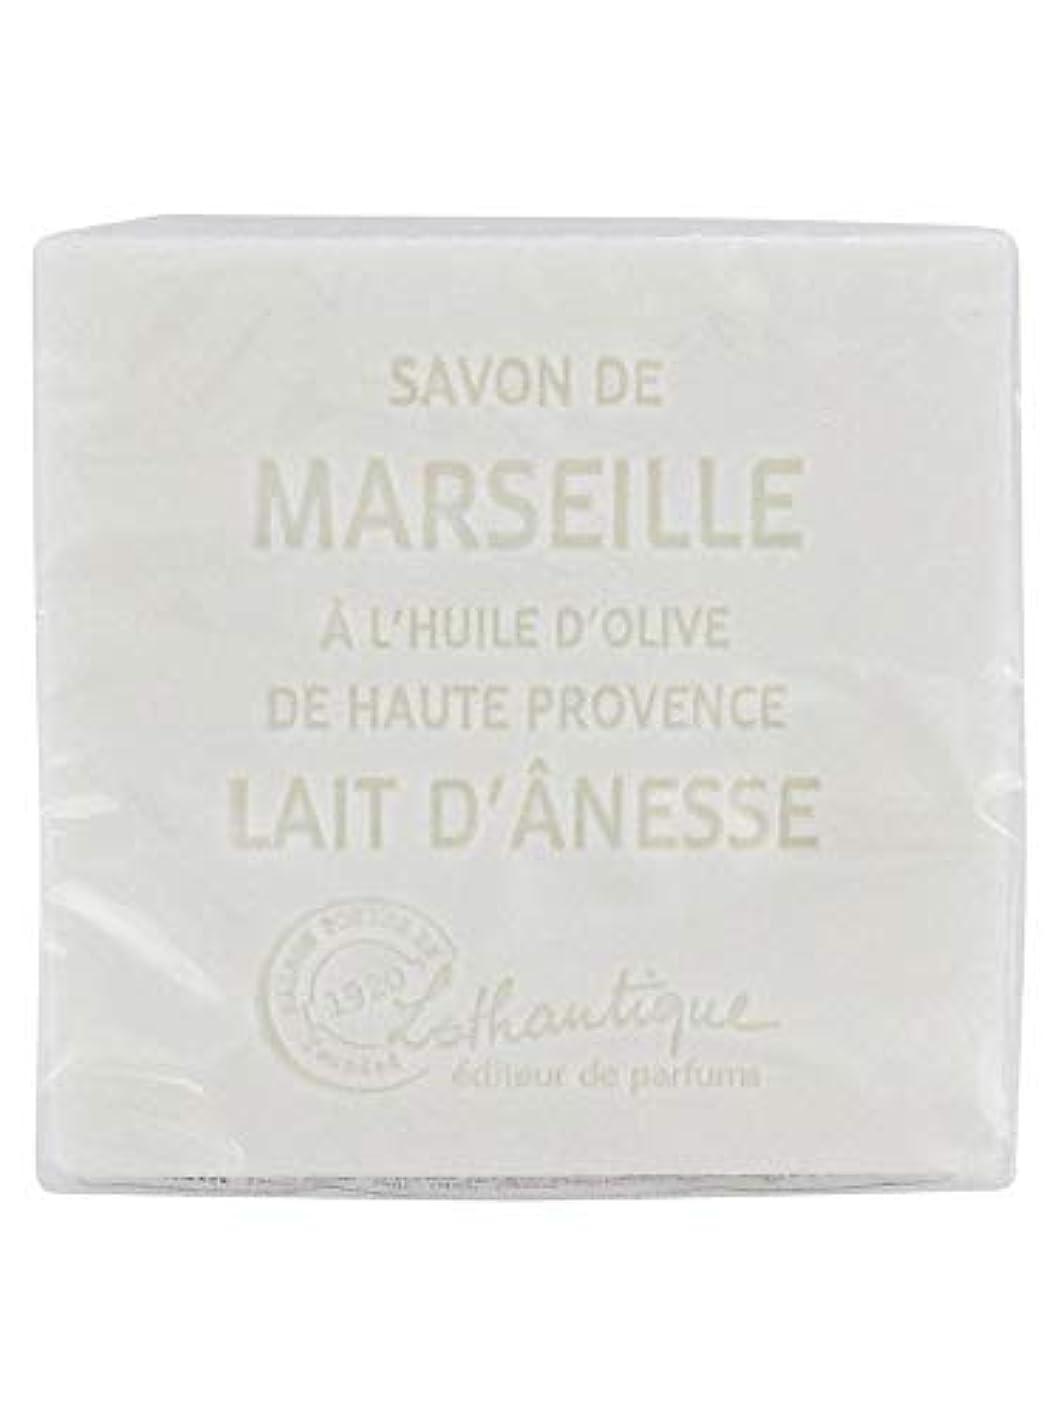 火曜日ピーク正統派Lothantique(ロタンティック) Les savons de Marseille(マルセイユソープ) マルセイユソープ 100g 「ミルク(ロバミルク)」 3420070038043